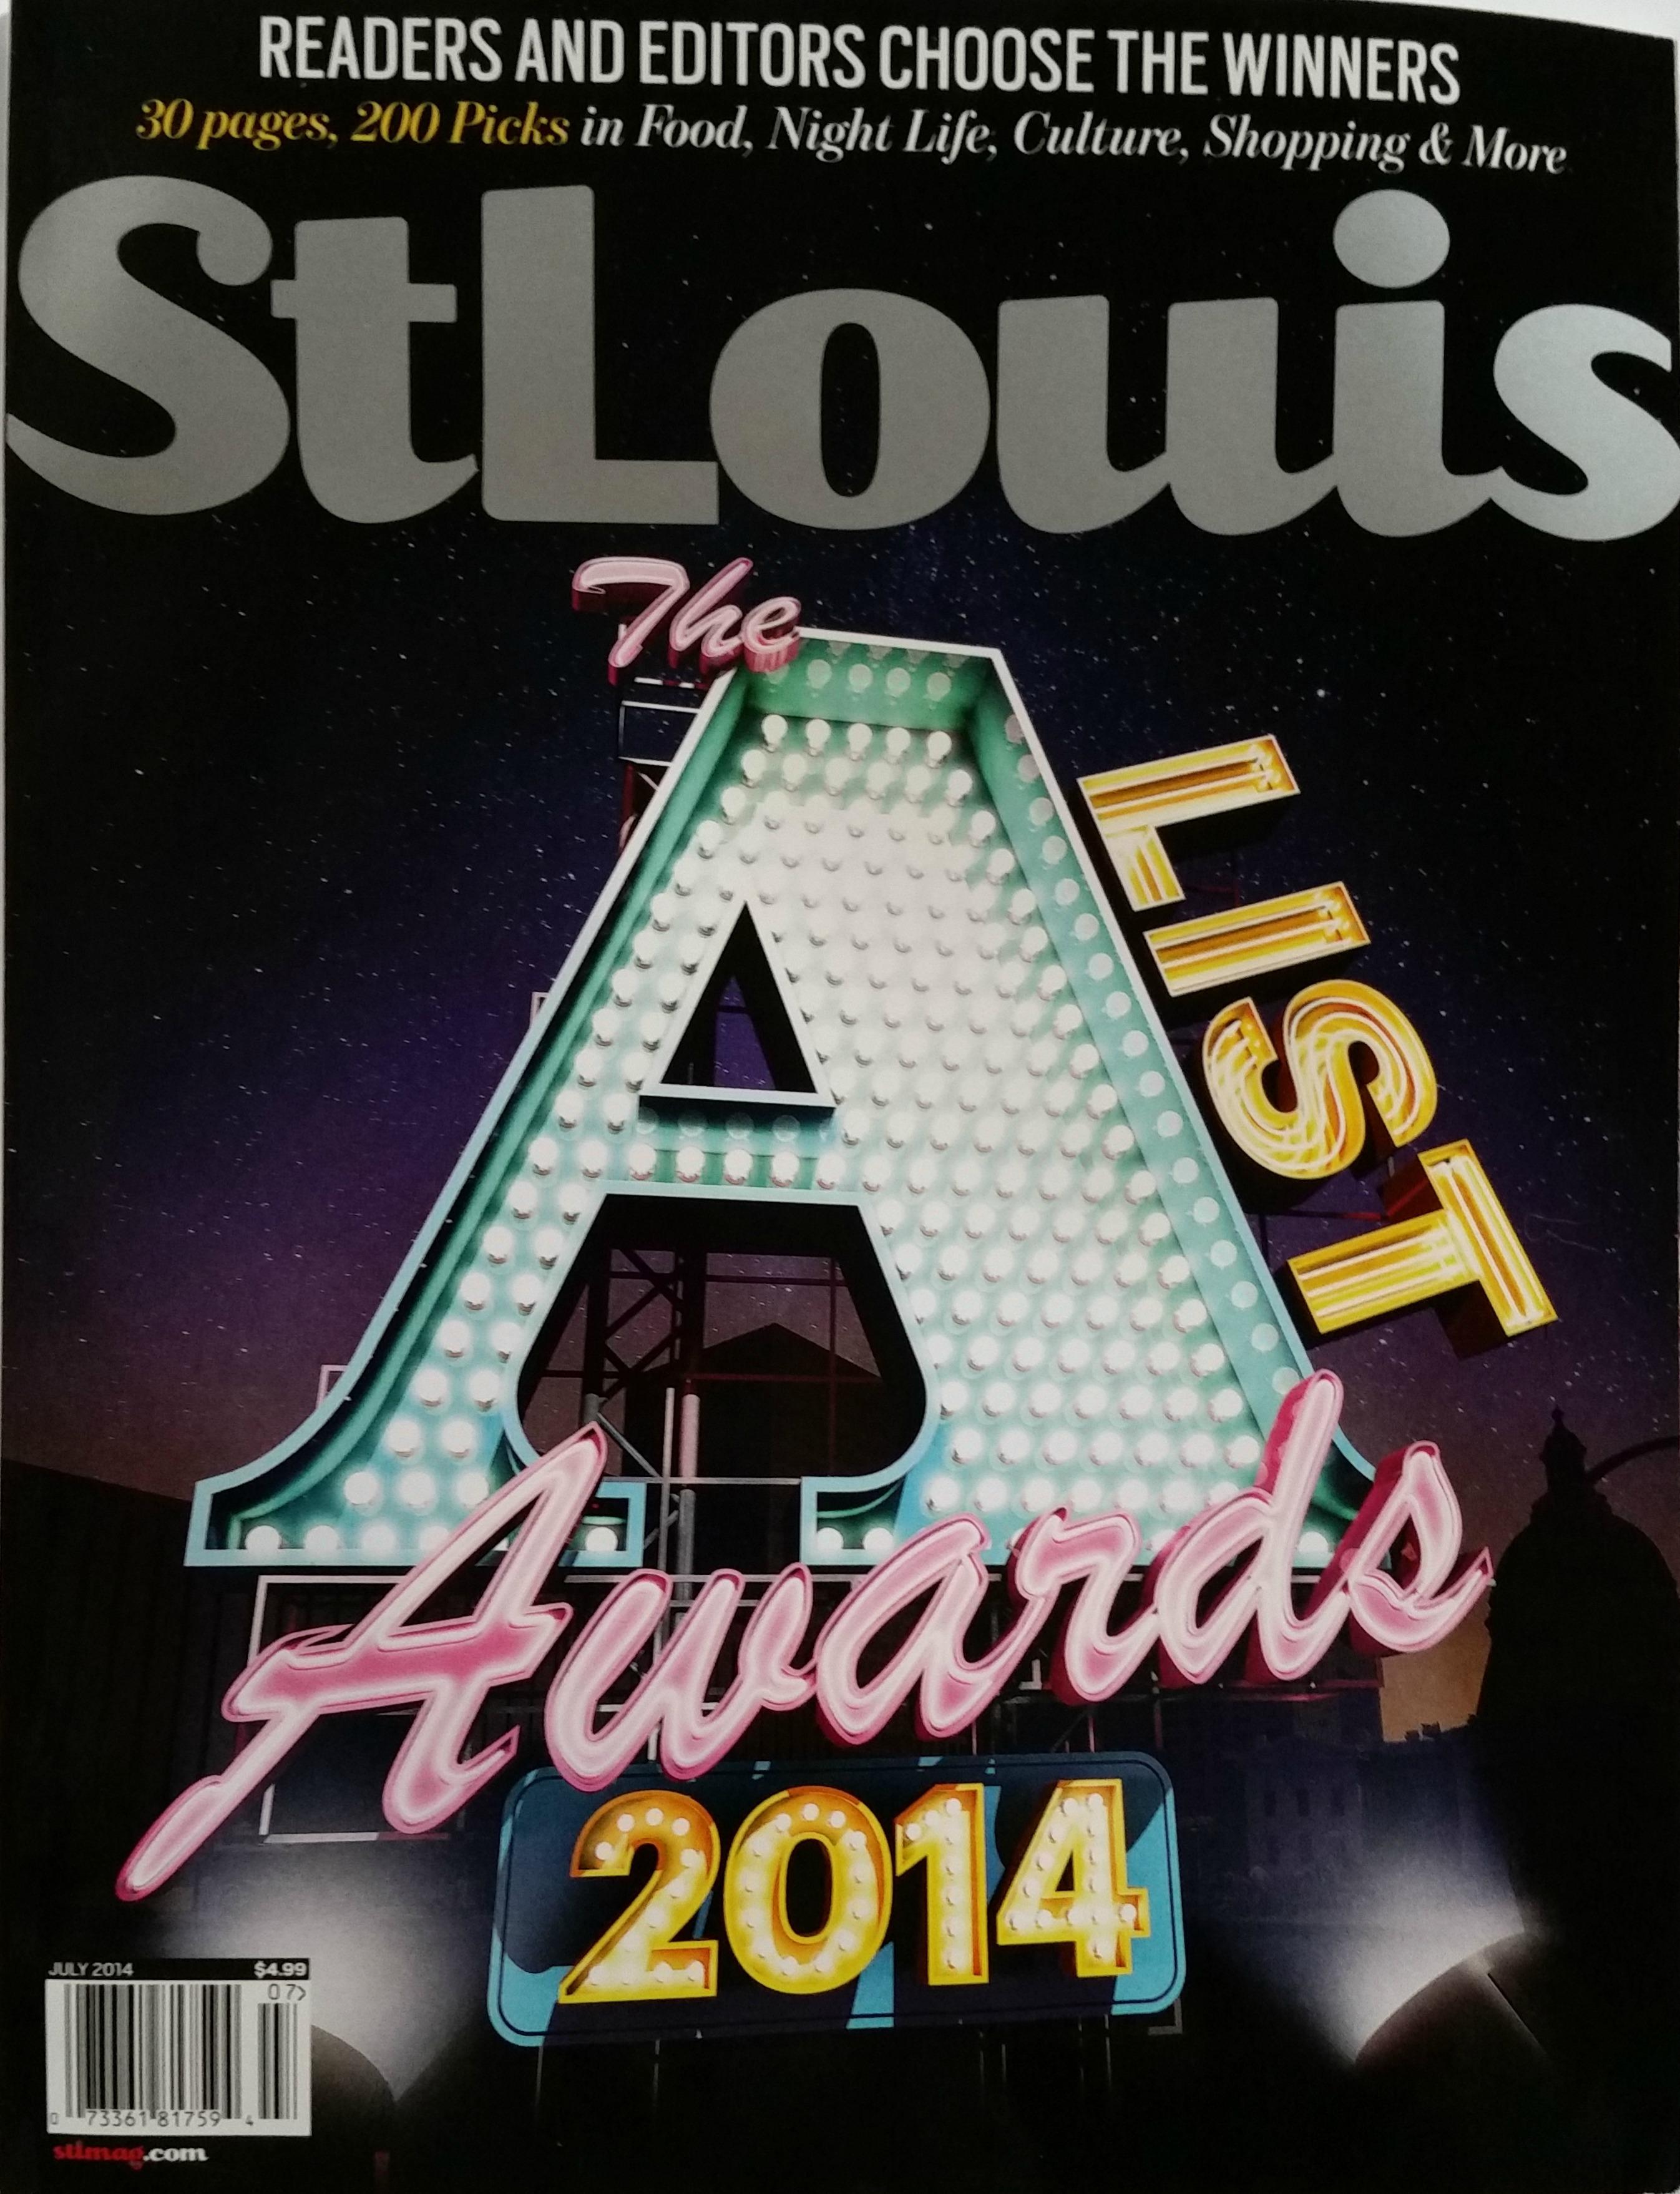 st.-louis-magazine-alist-2014.jpg